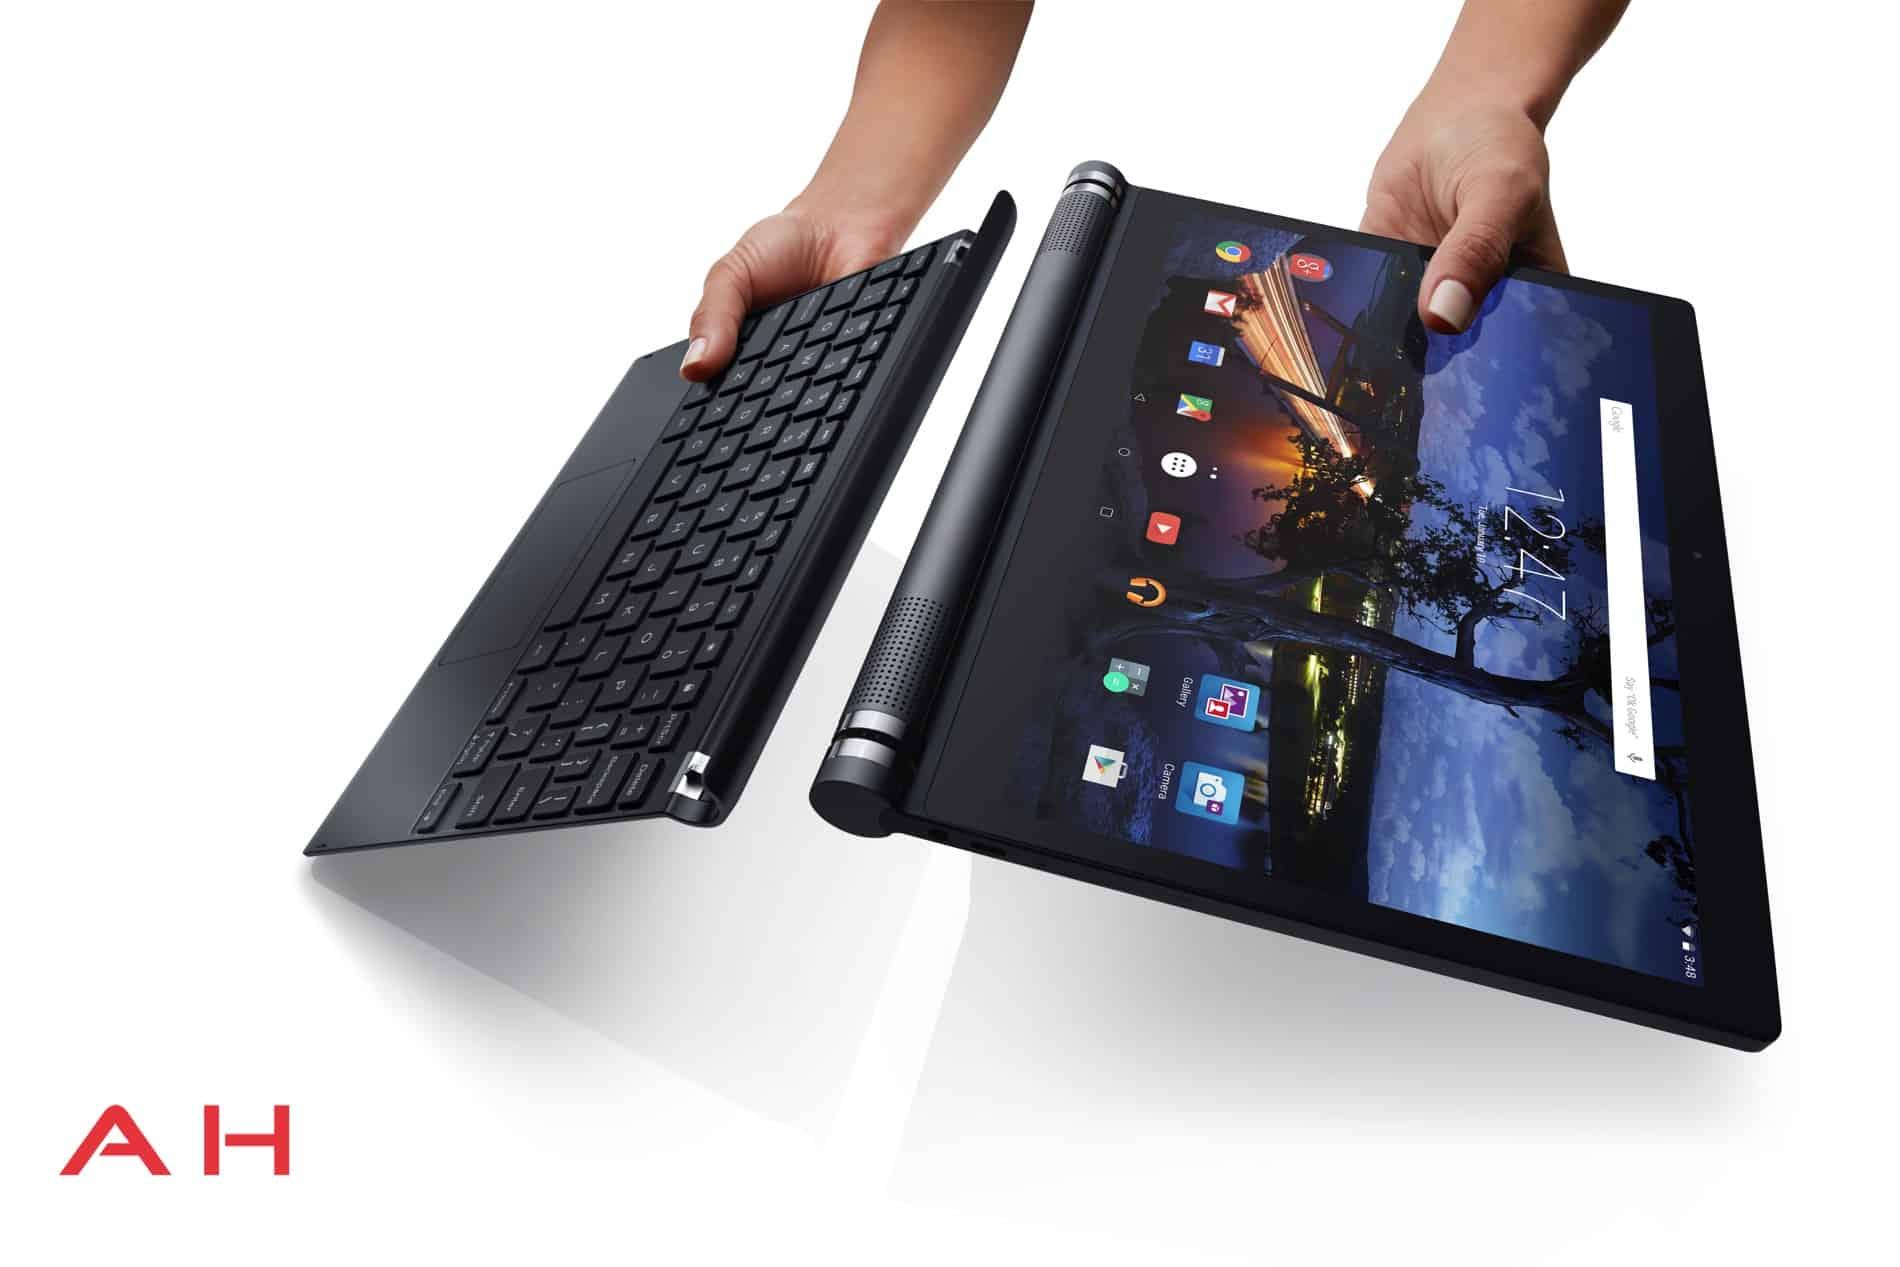 Dell Venue 10 AH 11